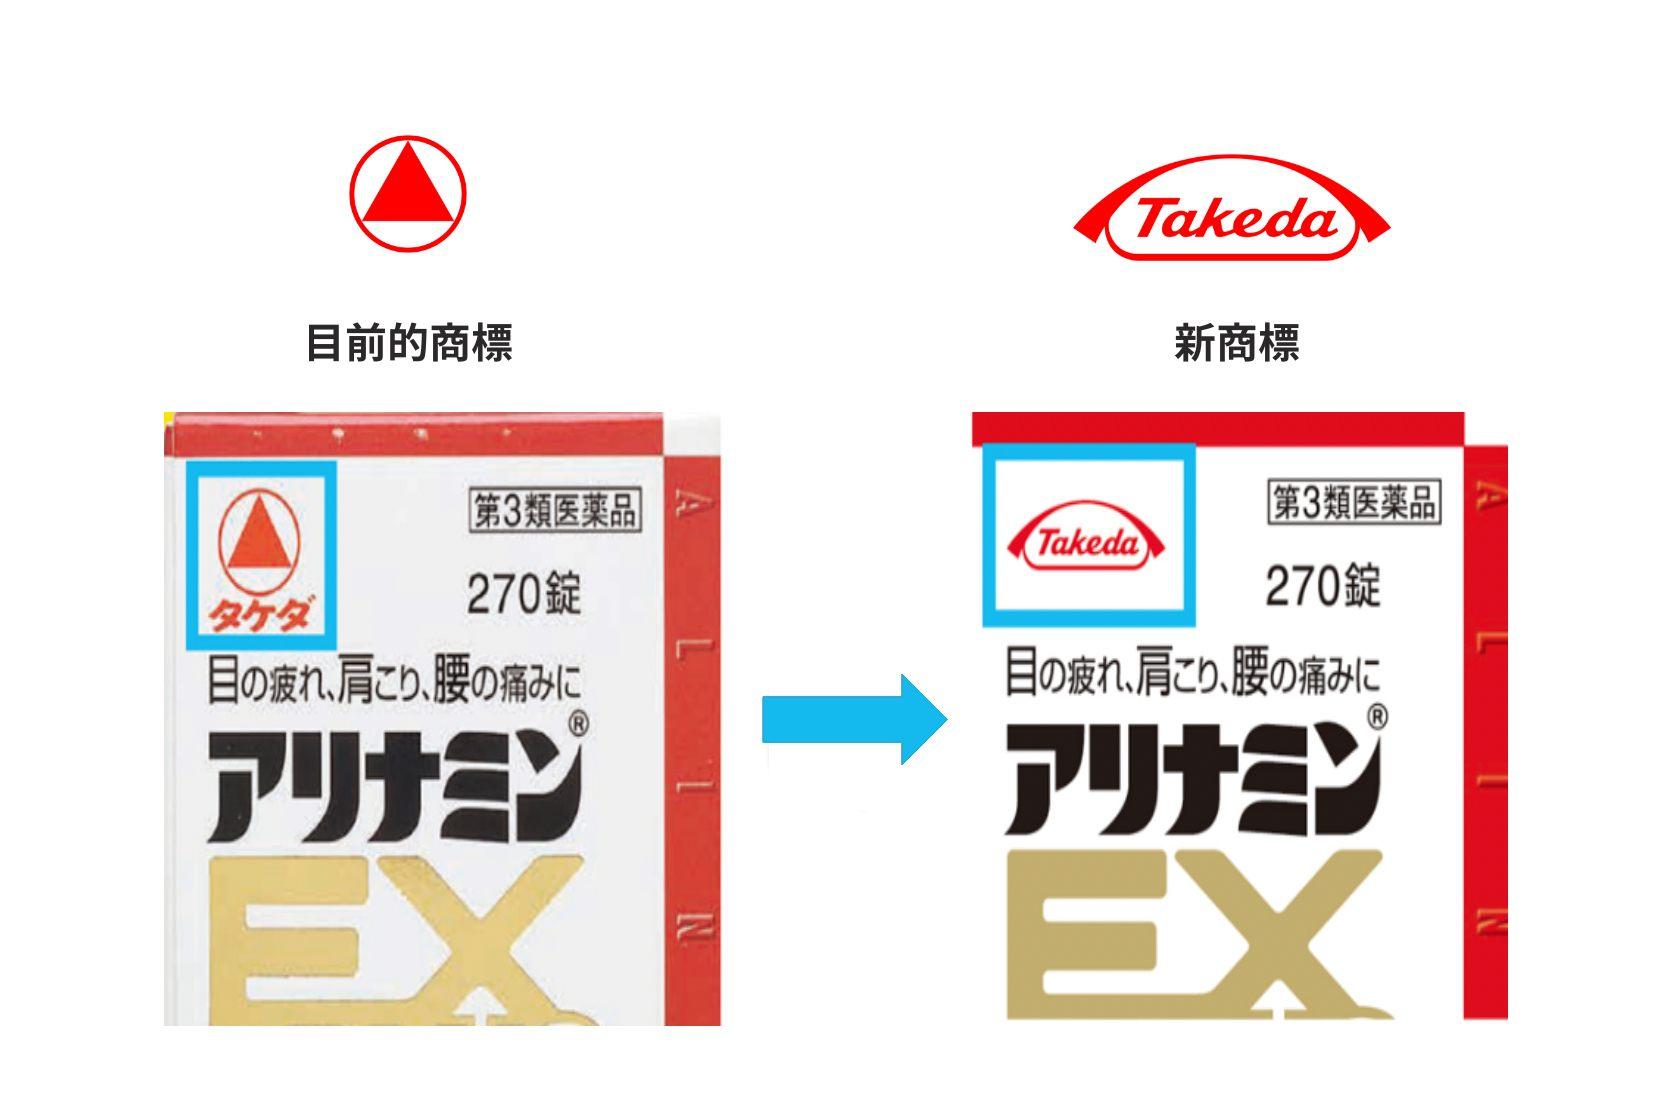 全世界的武田藥品集團已統一商標